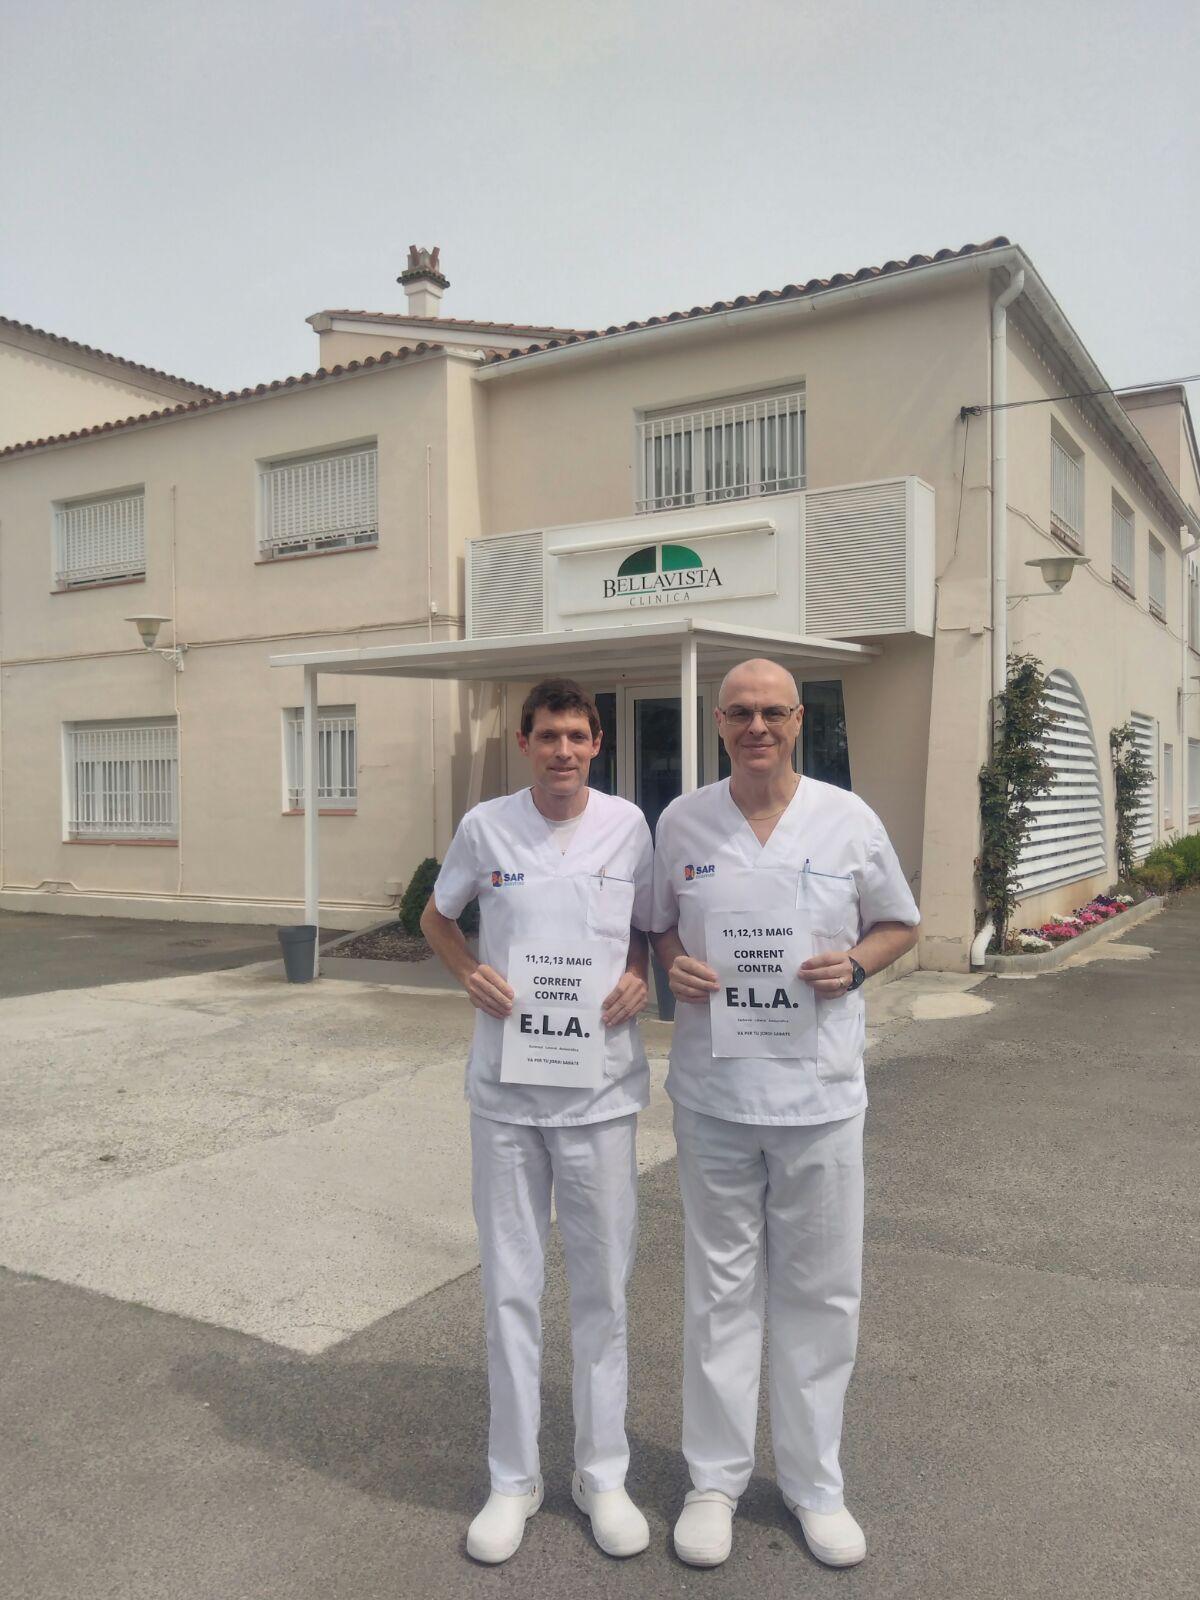 news bellavista trabajador maratoniano premio persona de Lleida (3)